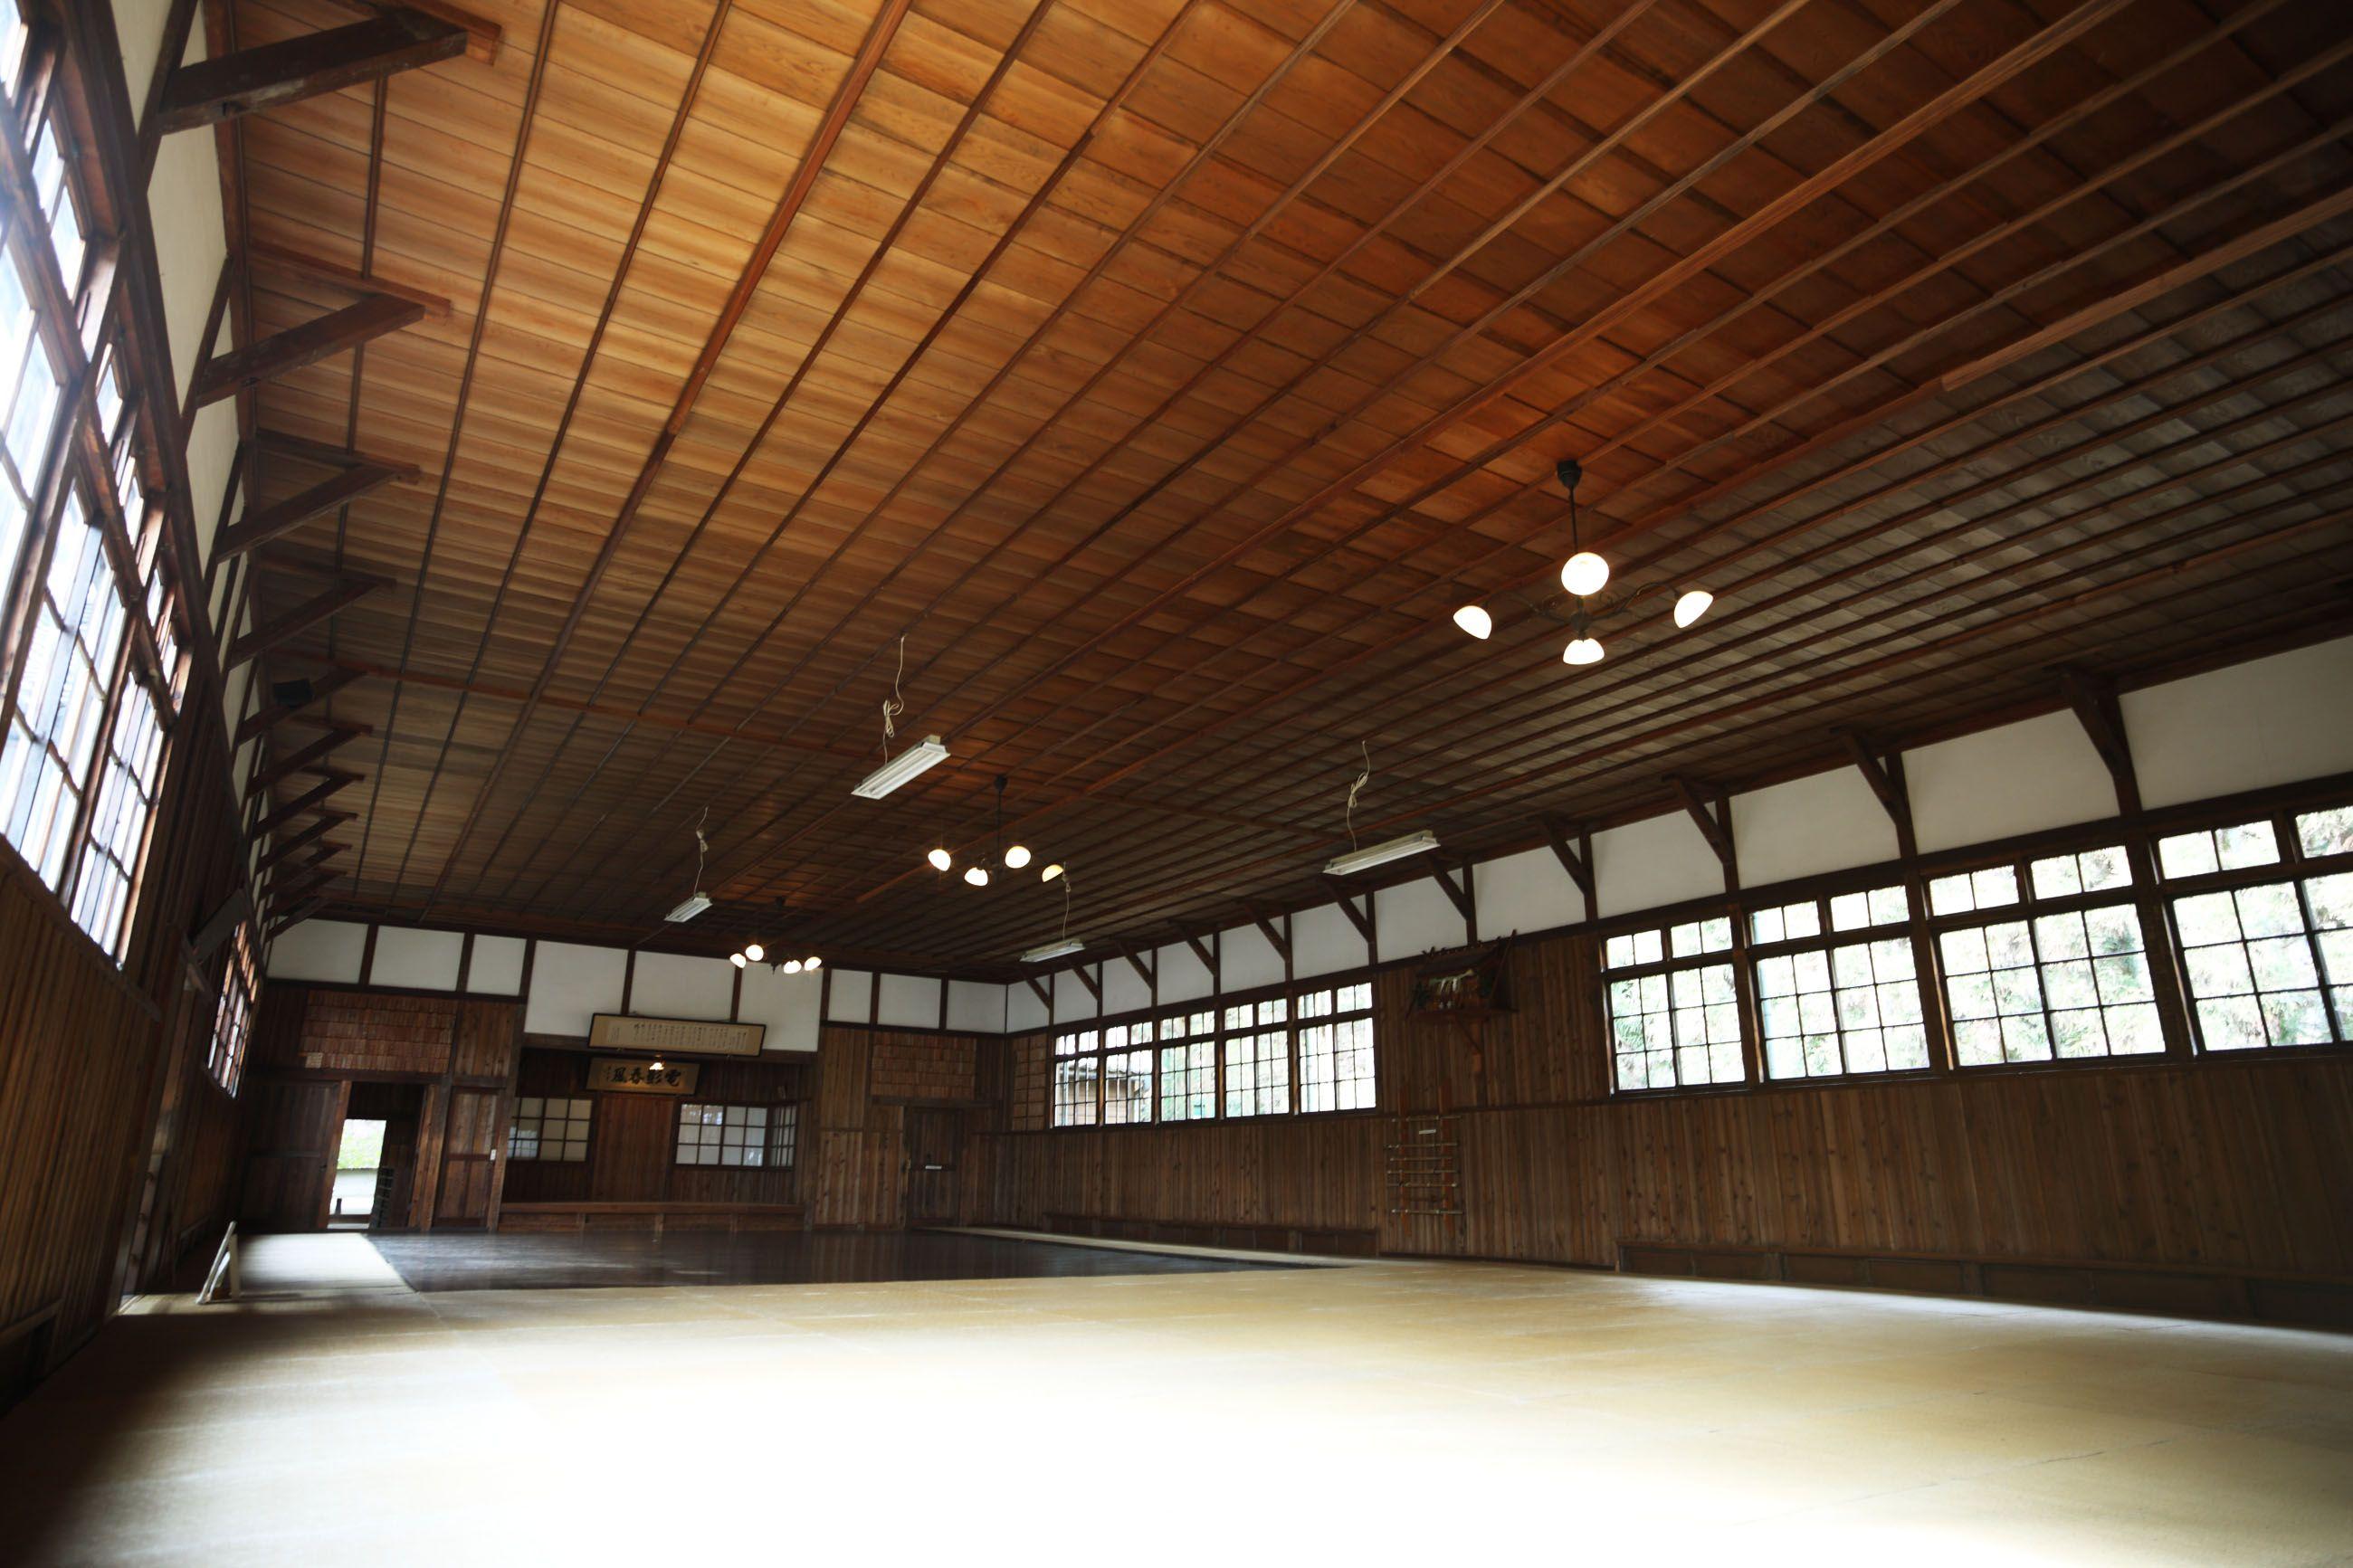 Chinese Martial Arts School Building Norton Safe Search Dojo Design Martial Arts School Chinese Martial Arts